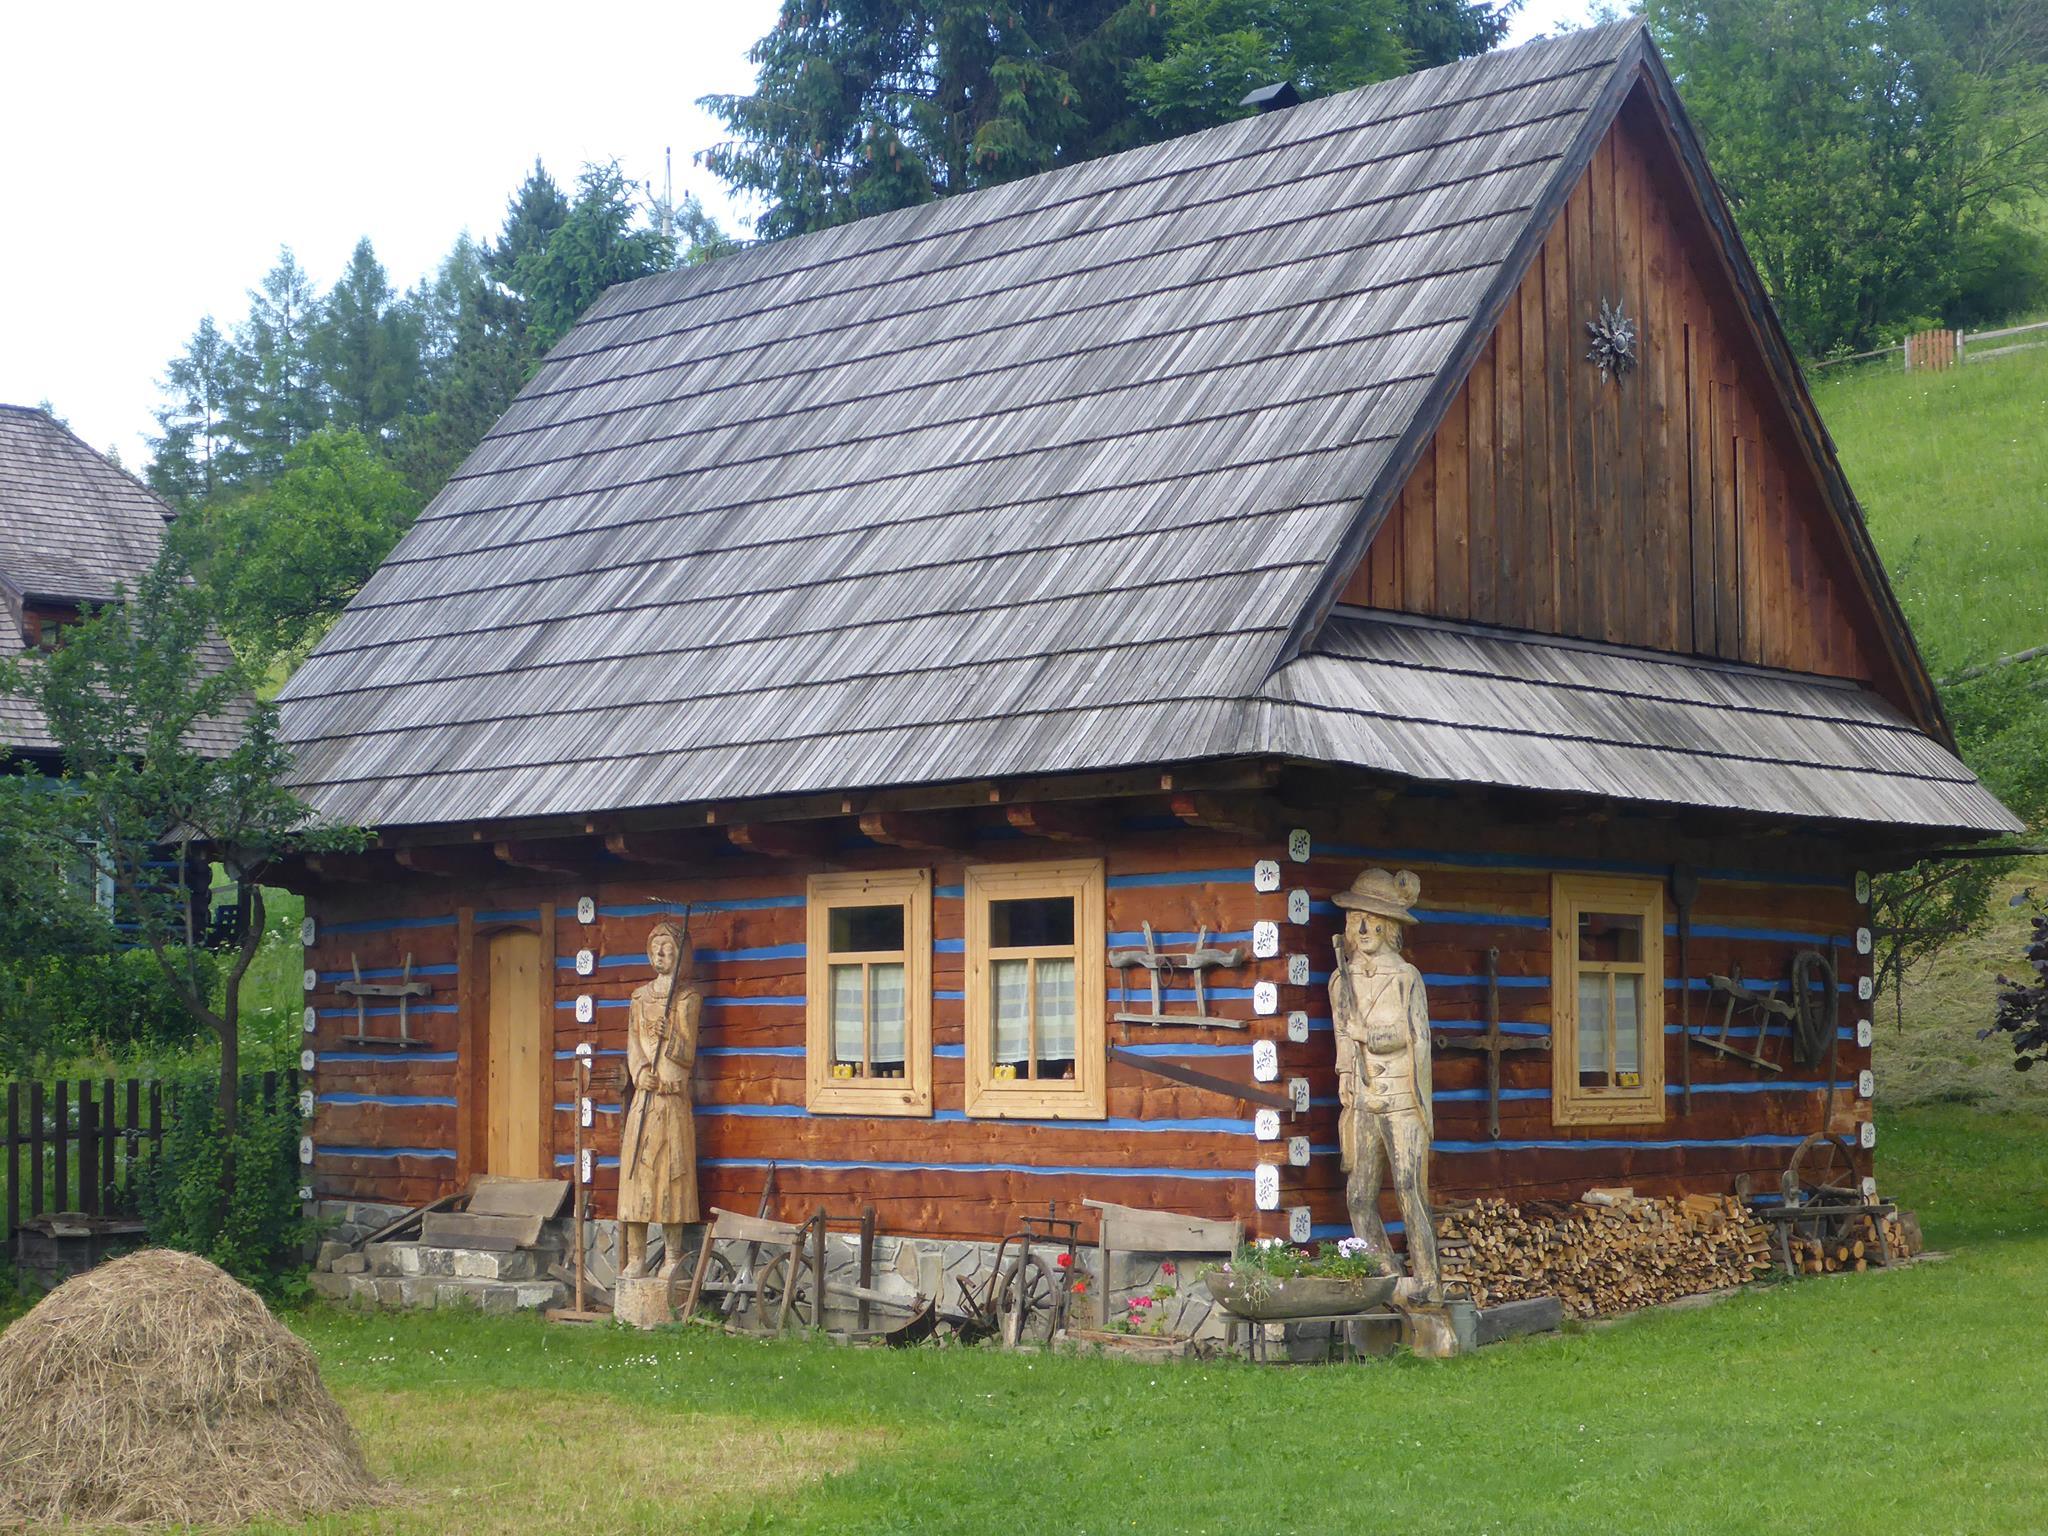 La Slovaquie possède des maisons de toute beauté